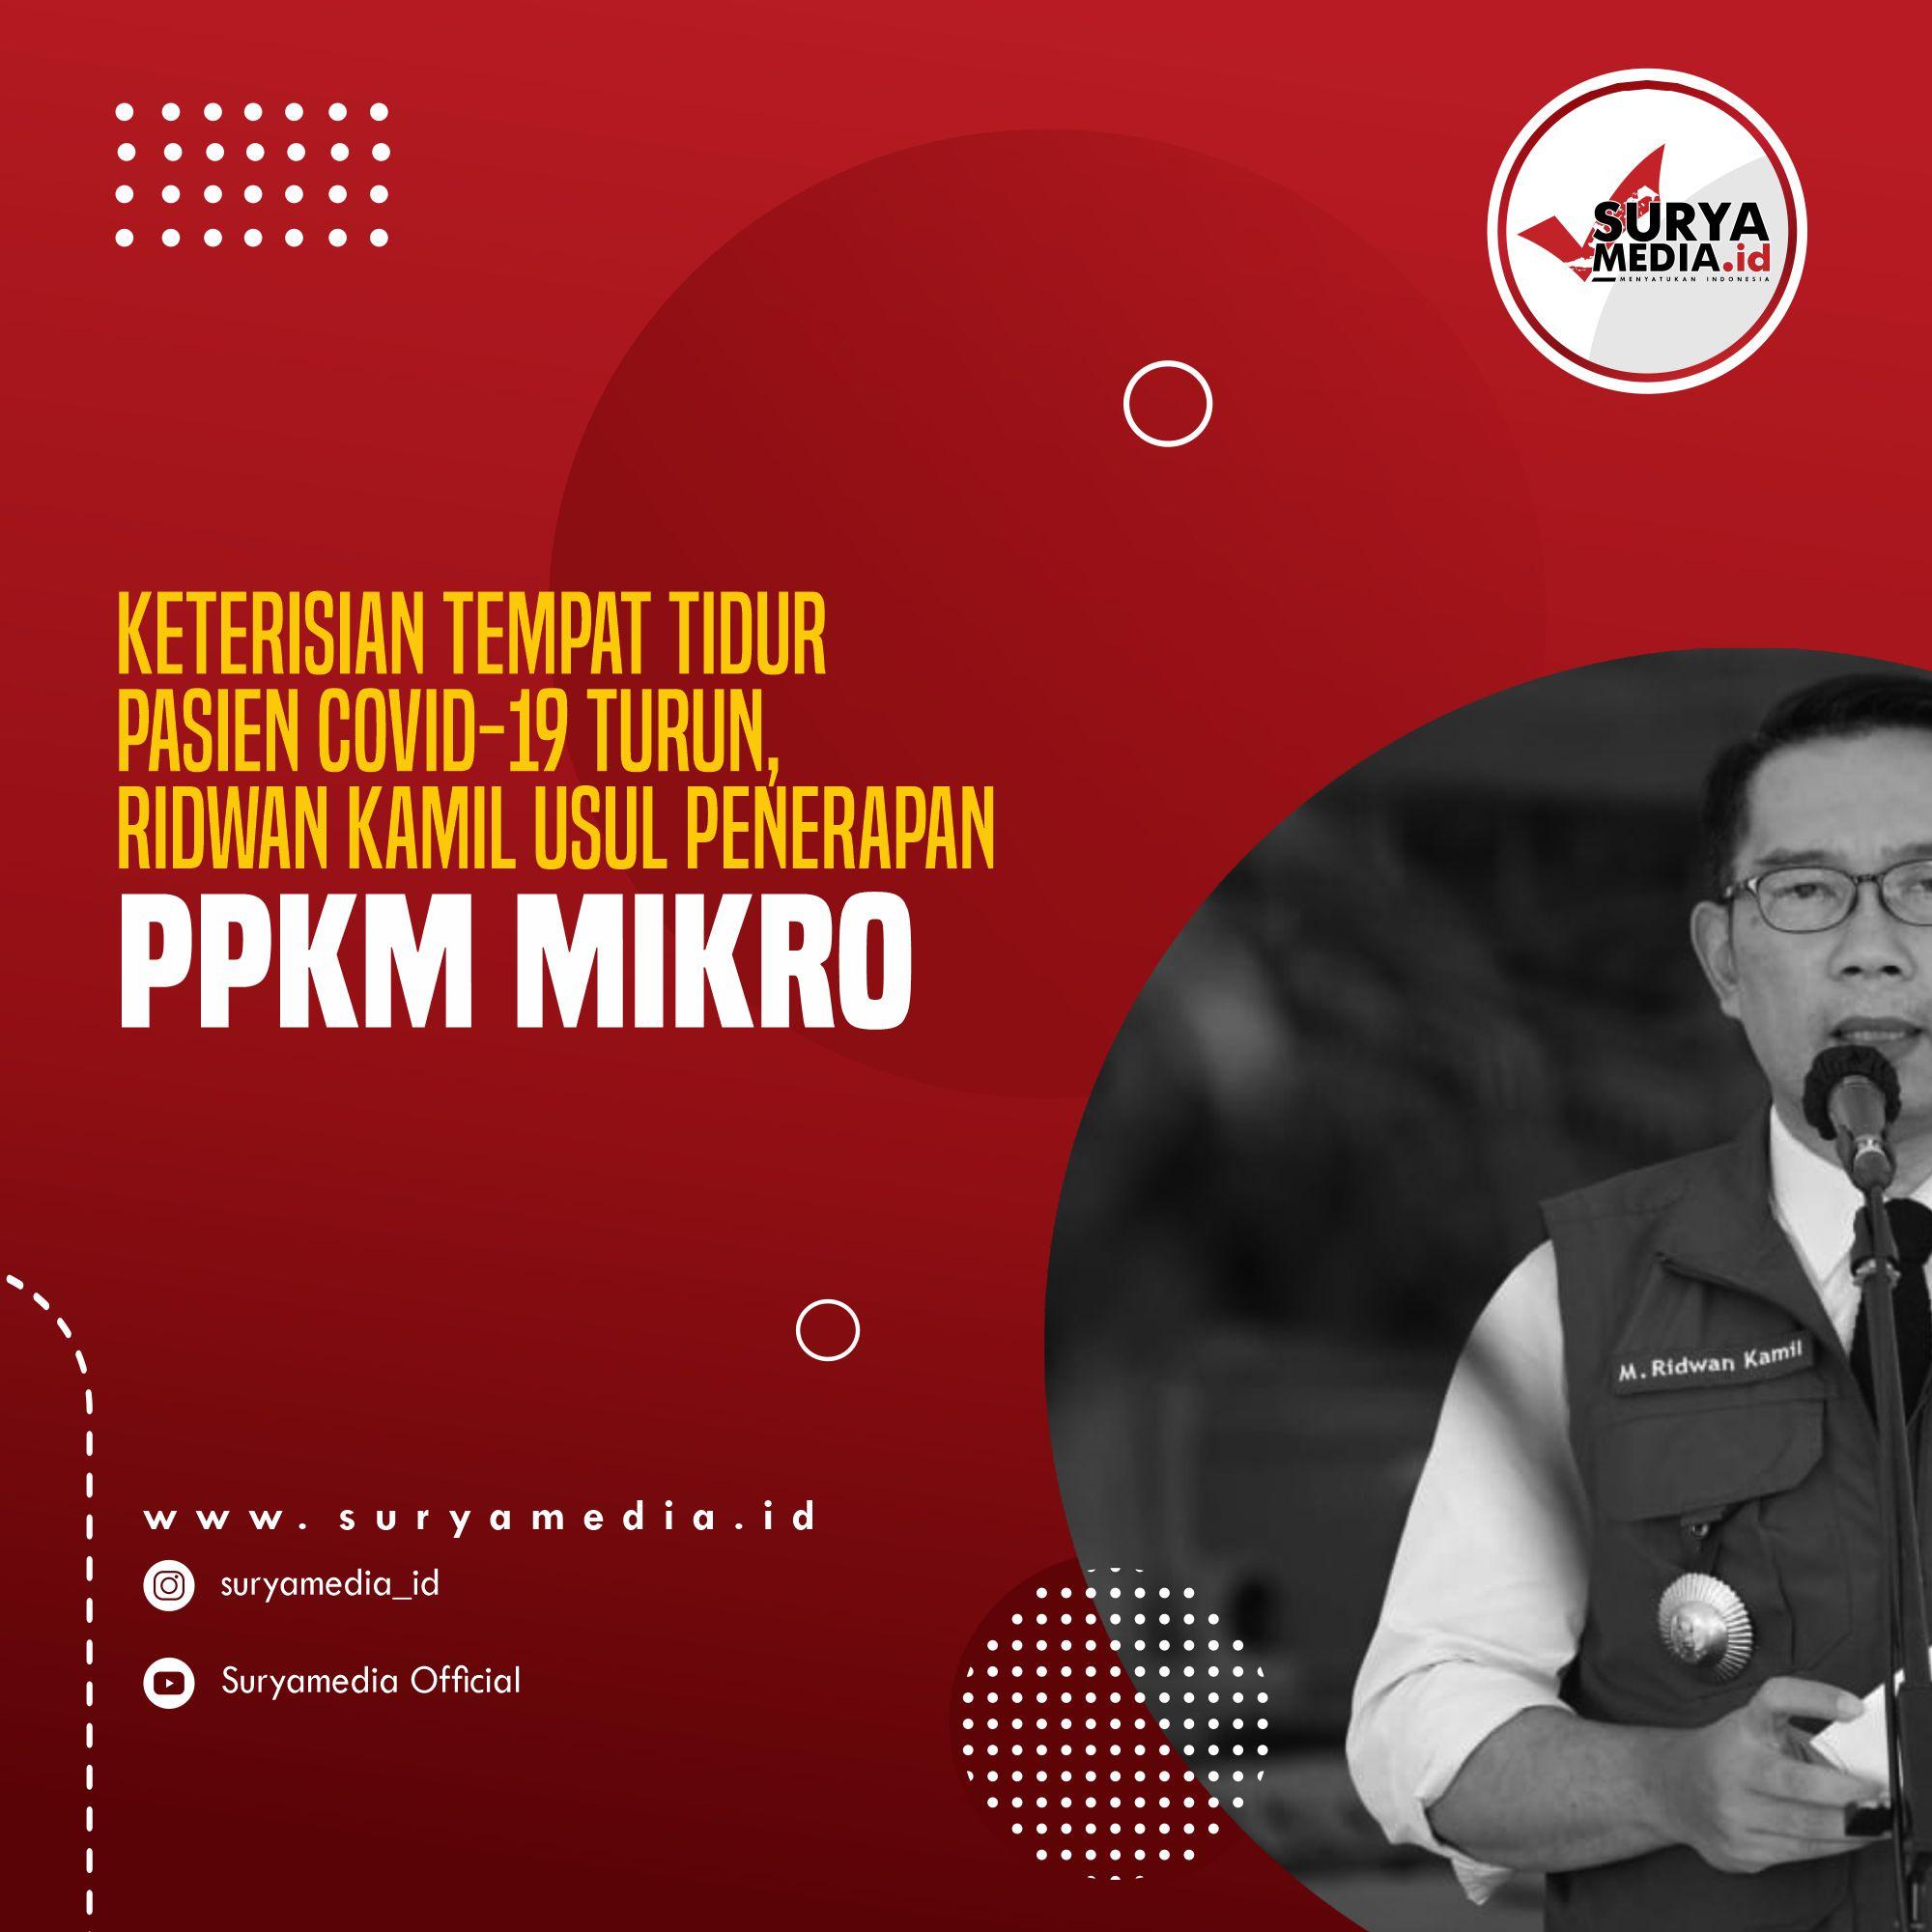 Keterisian Tempat Tidur Pasien Covid-19 Turun, Ridwan Kamil Usul Penerapan PPKM Mikro A